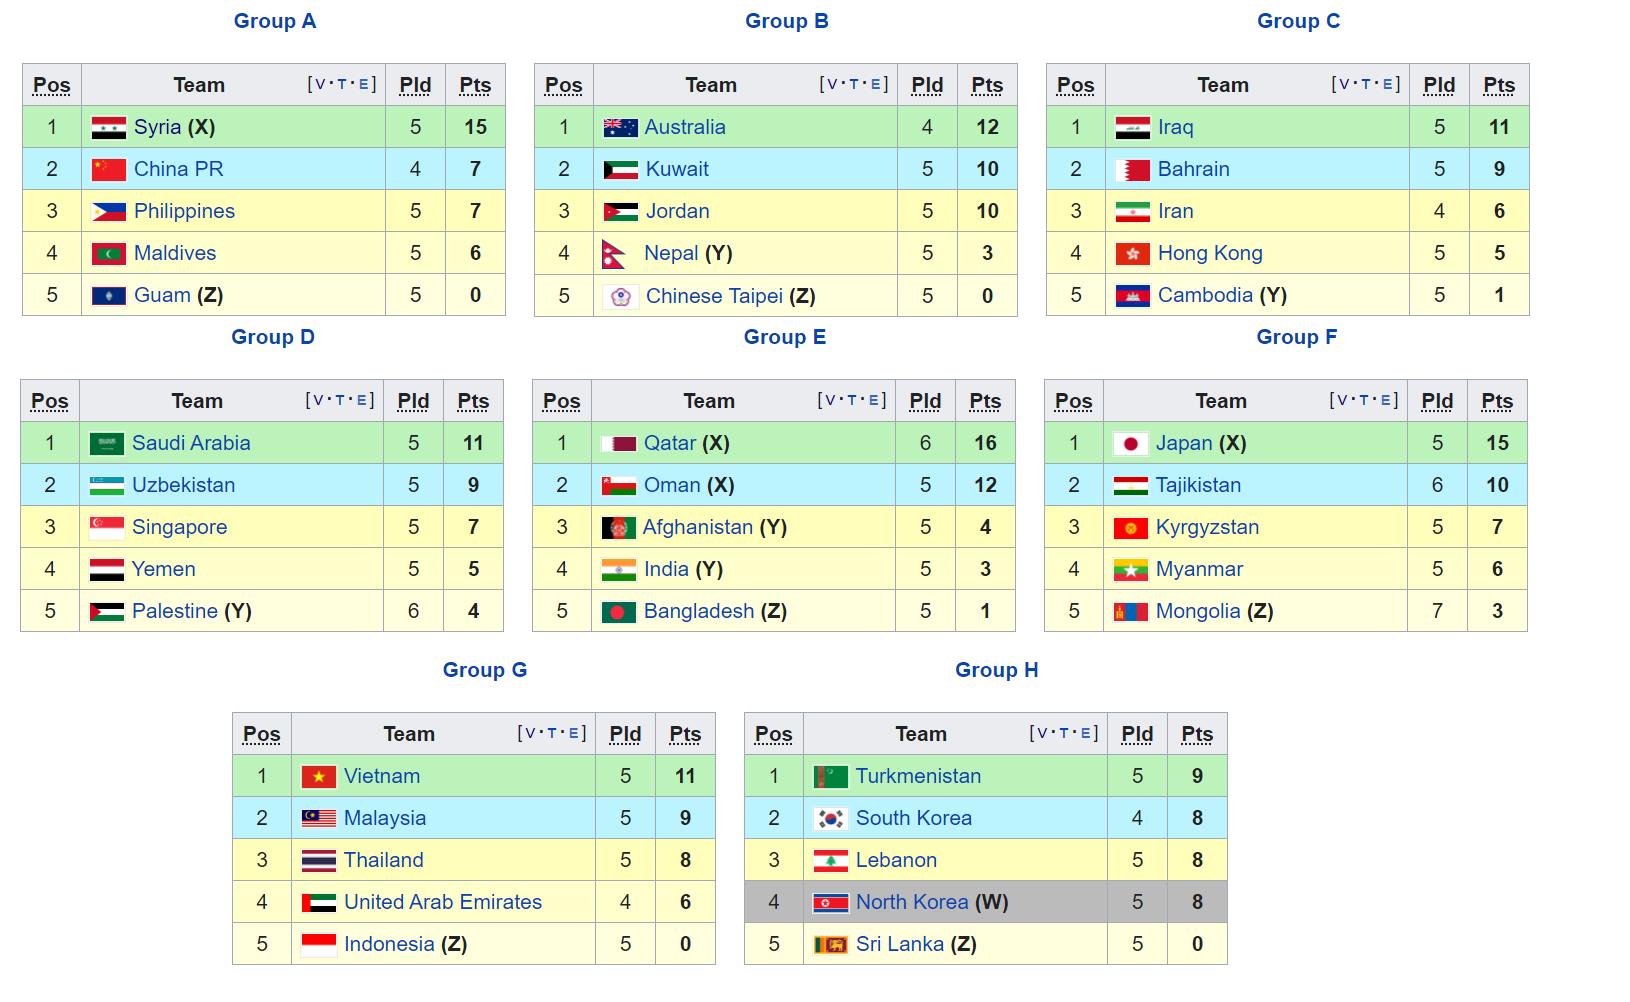 14000226000575 Test NewPhotoFree - کنارهگیری کره شمالی چقدر به ضرر تیم ملی کشورمان در رسیدن به جام جهانی است؟